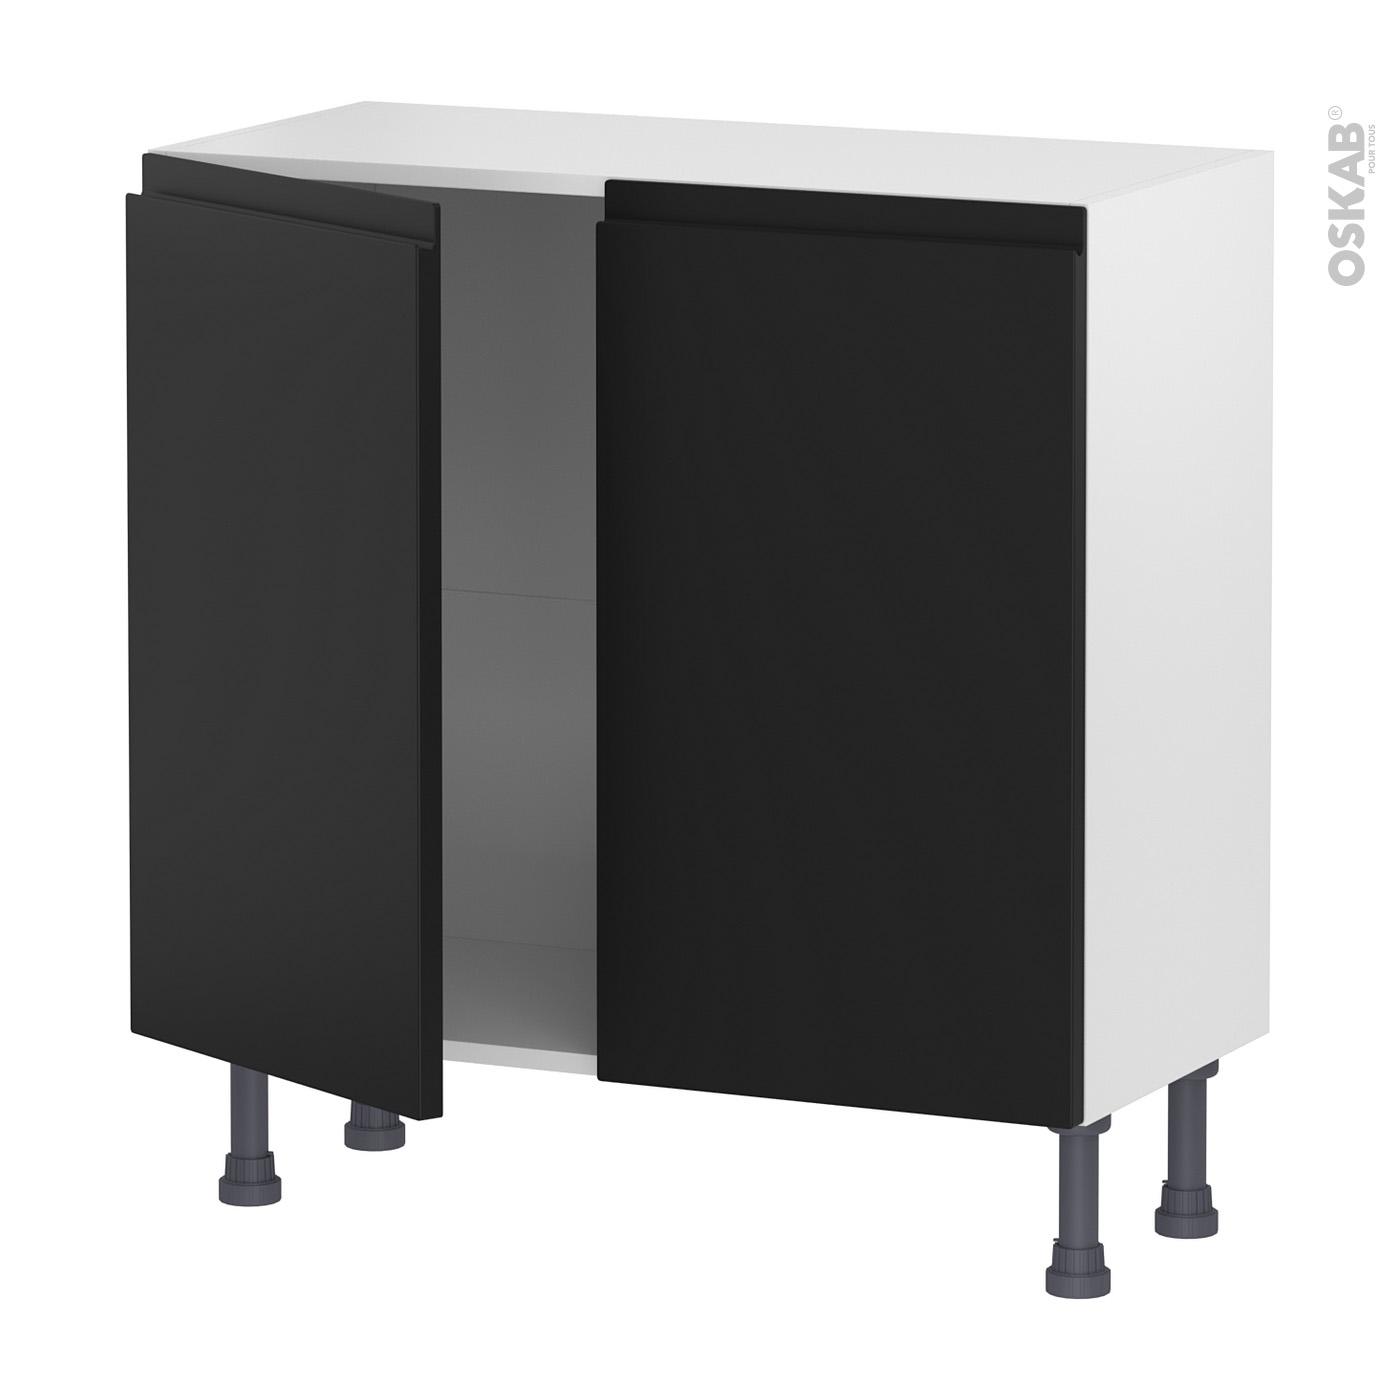 Meuble Bas De Cuisine Noir Laqué meuble de cuisine bas ipoma noir mat, 2 portes, l80 x h70 x p37 cm